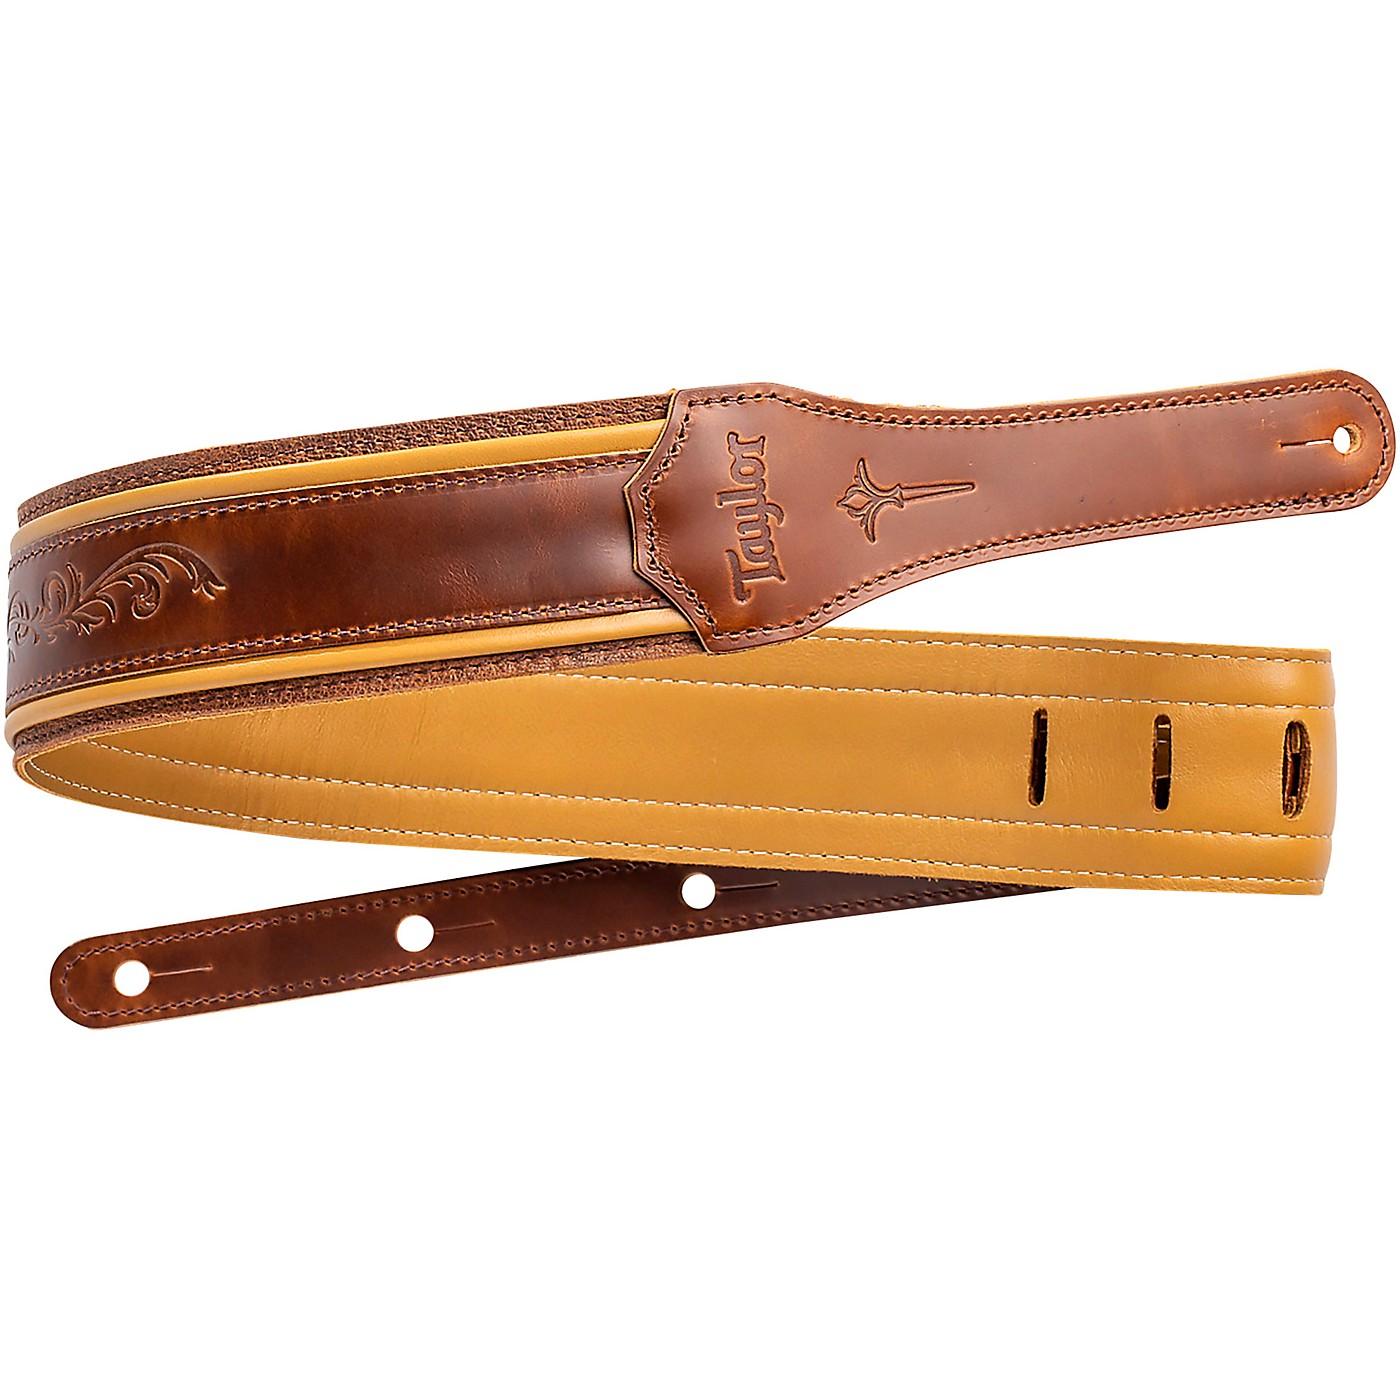 Taylor Nouveau Leather Guitar Strap thumbnail